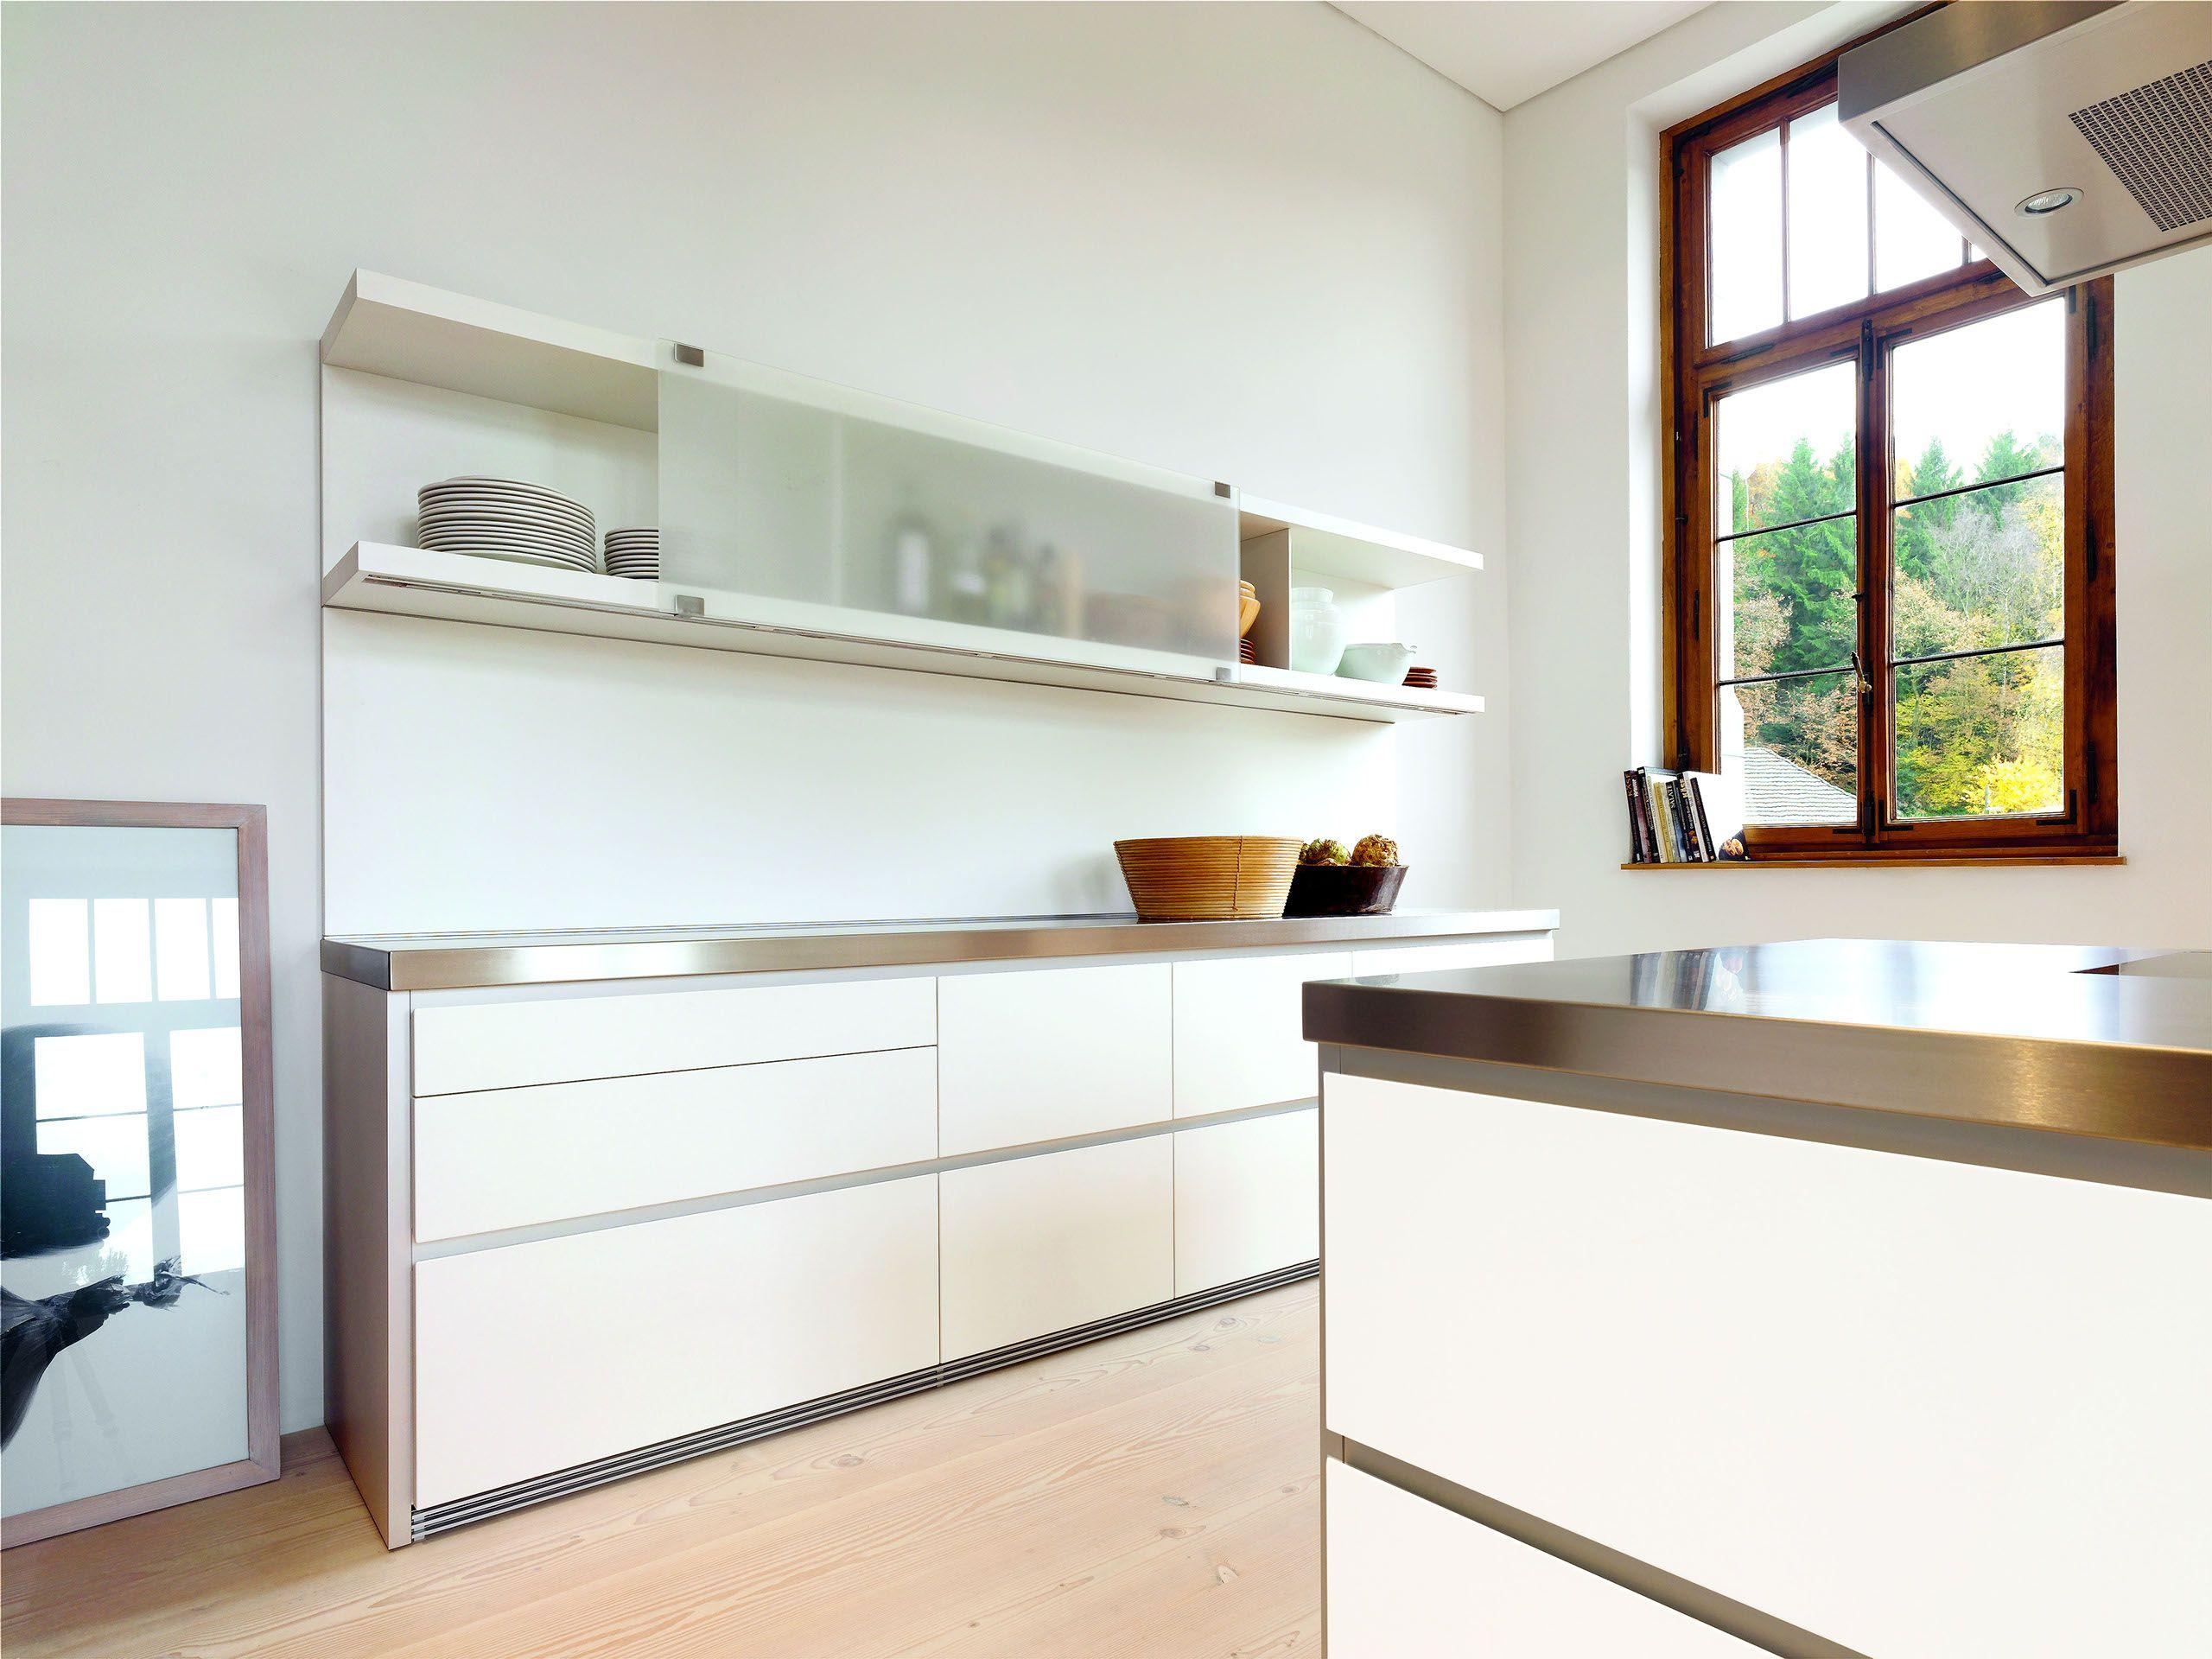 Bulthaup B1 Kitchen Design Minimalist Kitchen Design Minimalist Kitchen